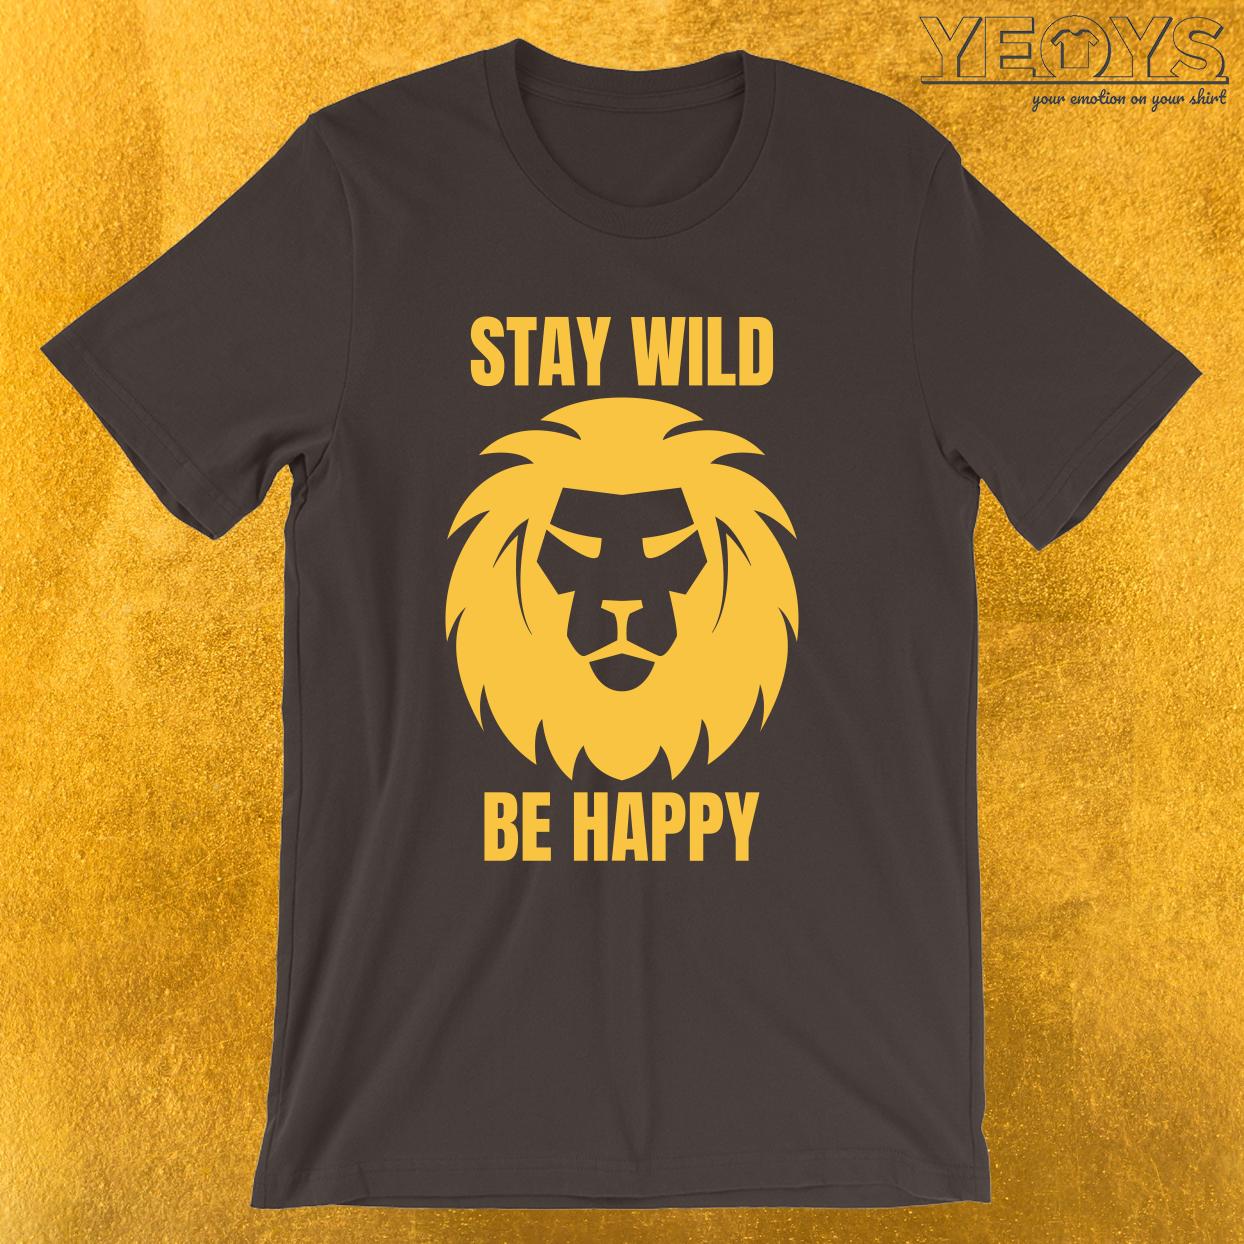 Stay Wild Be Happy – Cool Safari Animal Tee